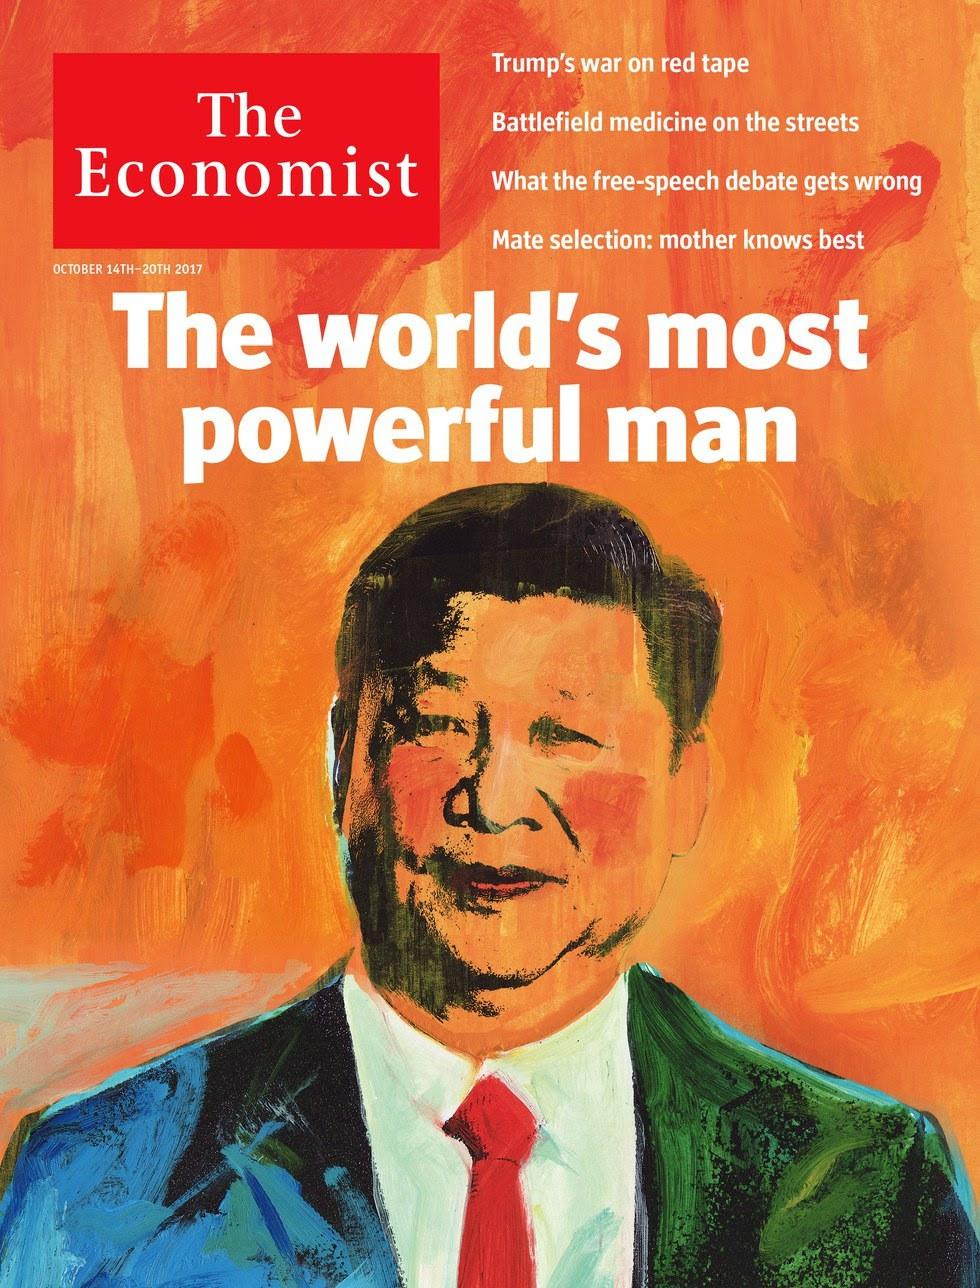 Hszi Csin-ping a világ legnagyobb hatalmú embere az Economist címlapja szerint